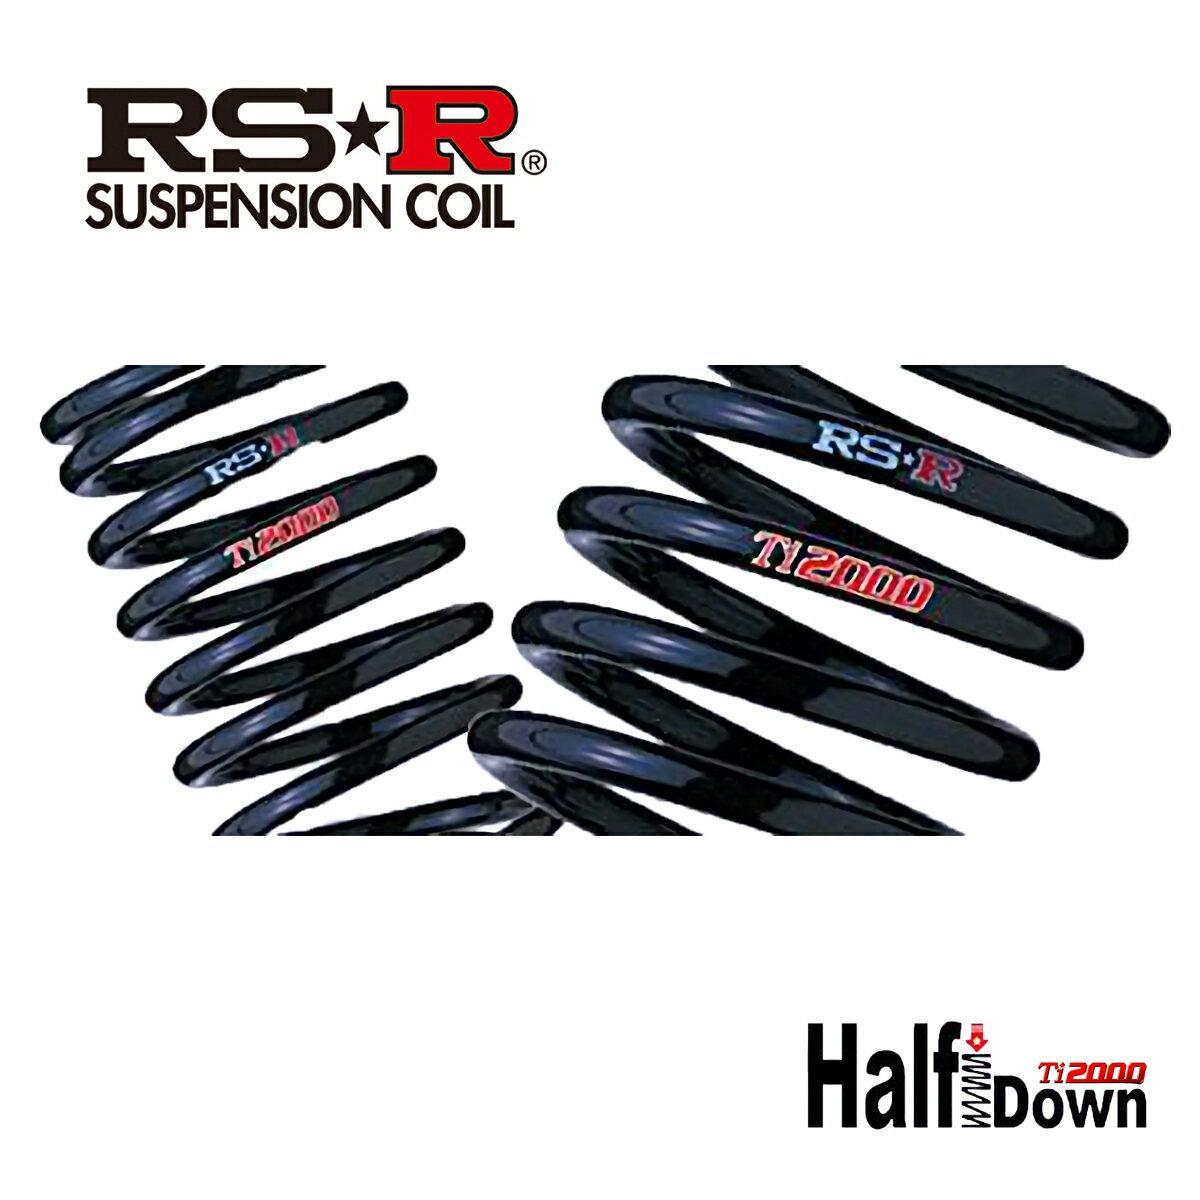 RS-R アルファードハイブリッド ハイブリッドG Fパッケージ AYH30W ダウンサス スプリング フロントのみ T948THDF Ti2000 ハーフダウン RSR 個人宅発送追金有